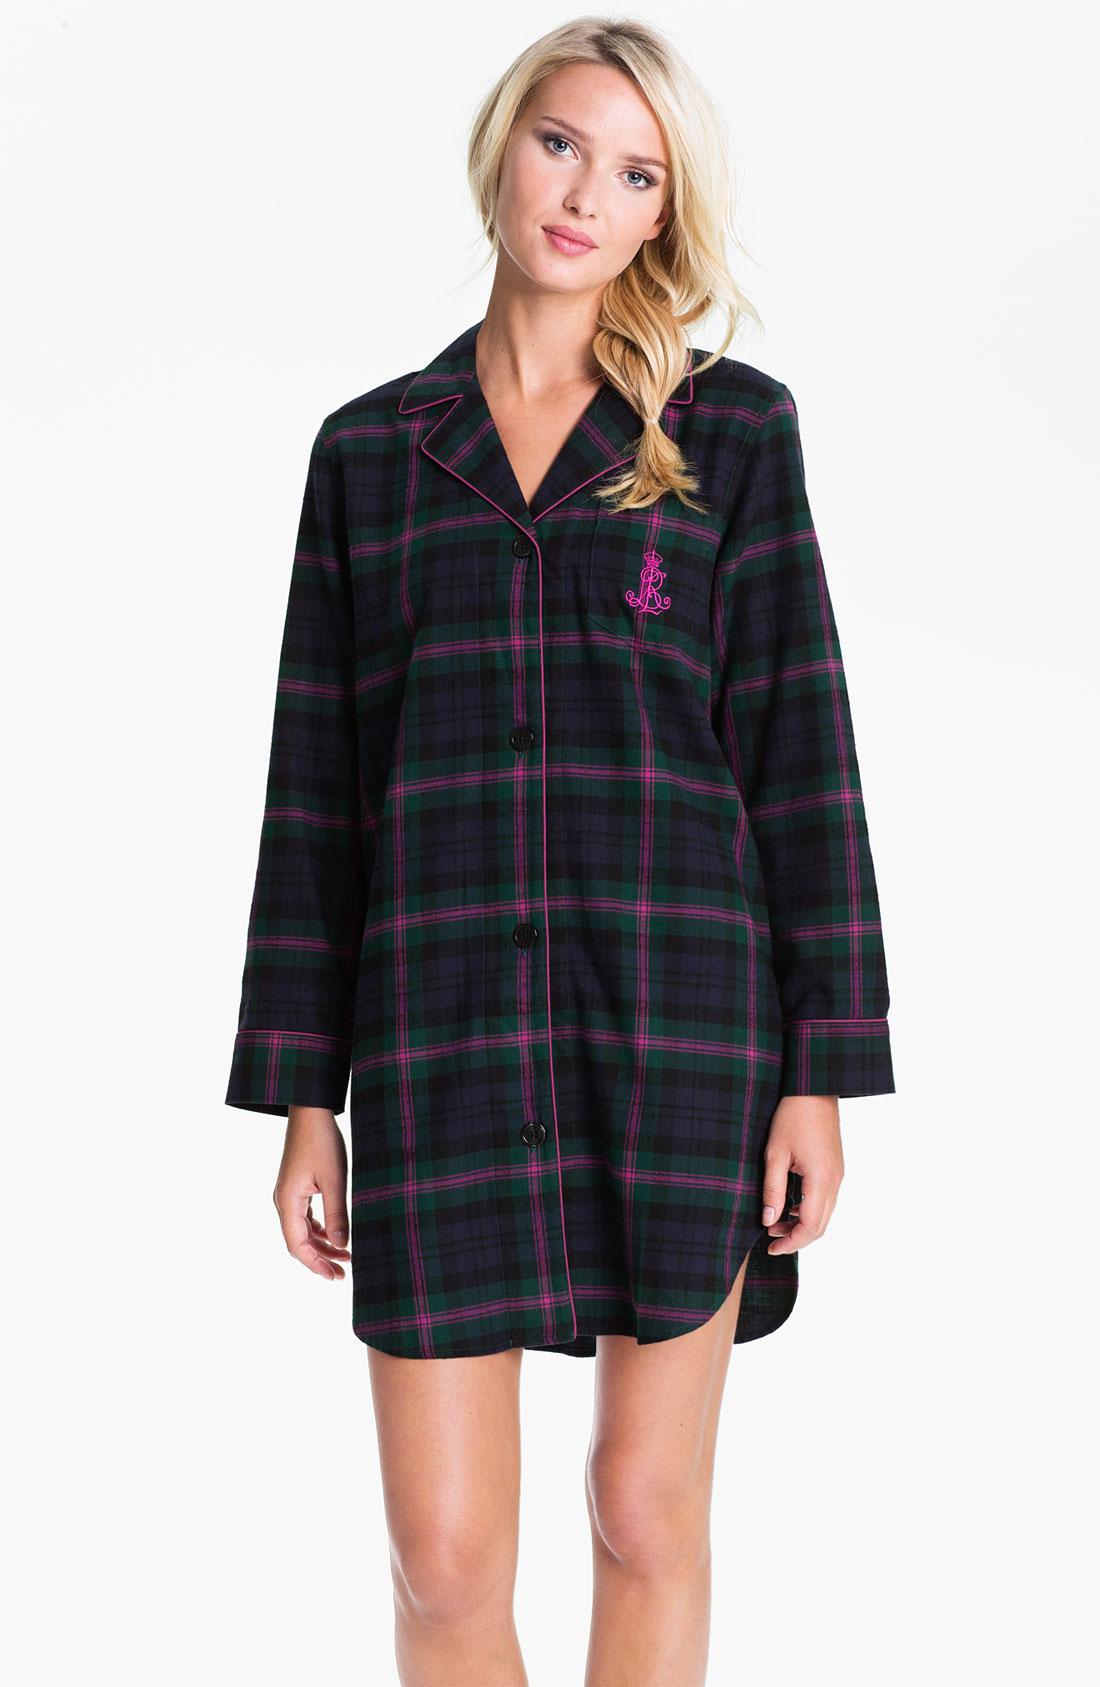 lauren ralph lauren sleep shirt - WörterSee Public Relations 8d14172de